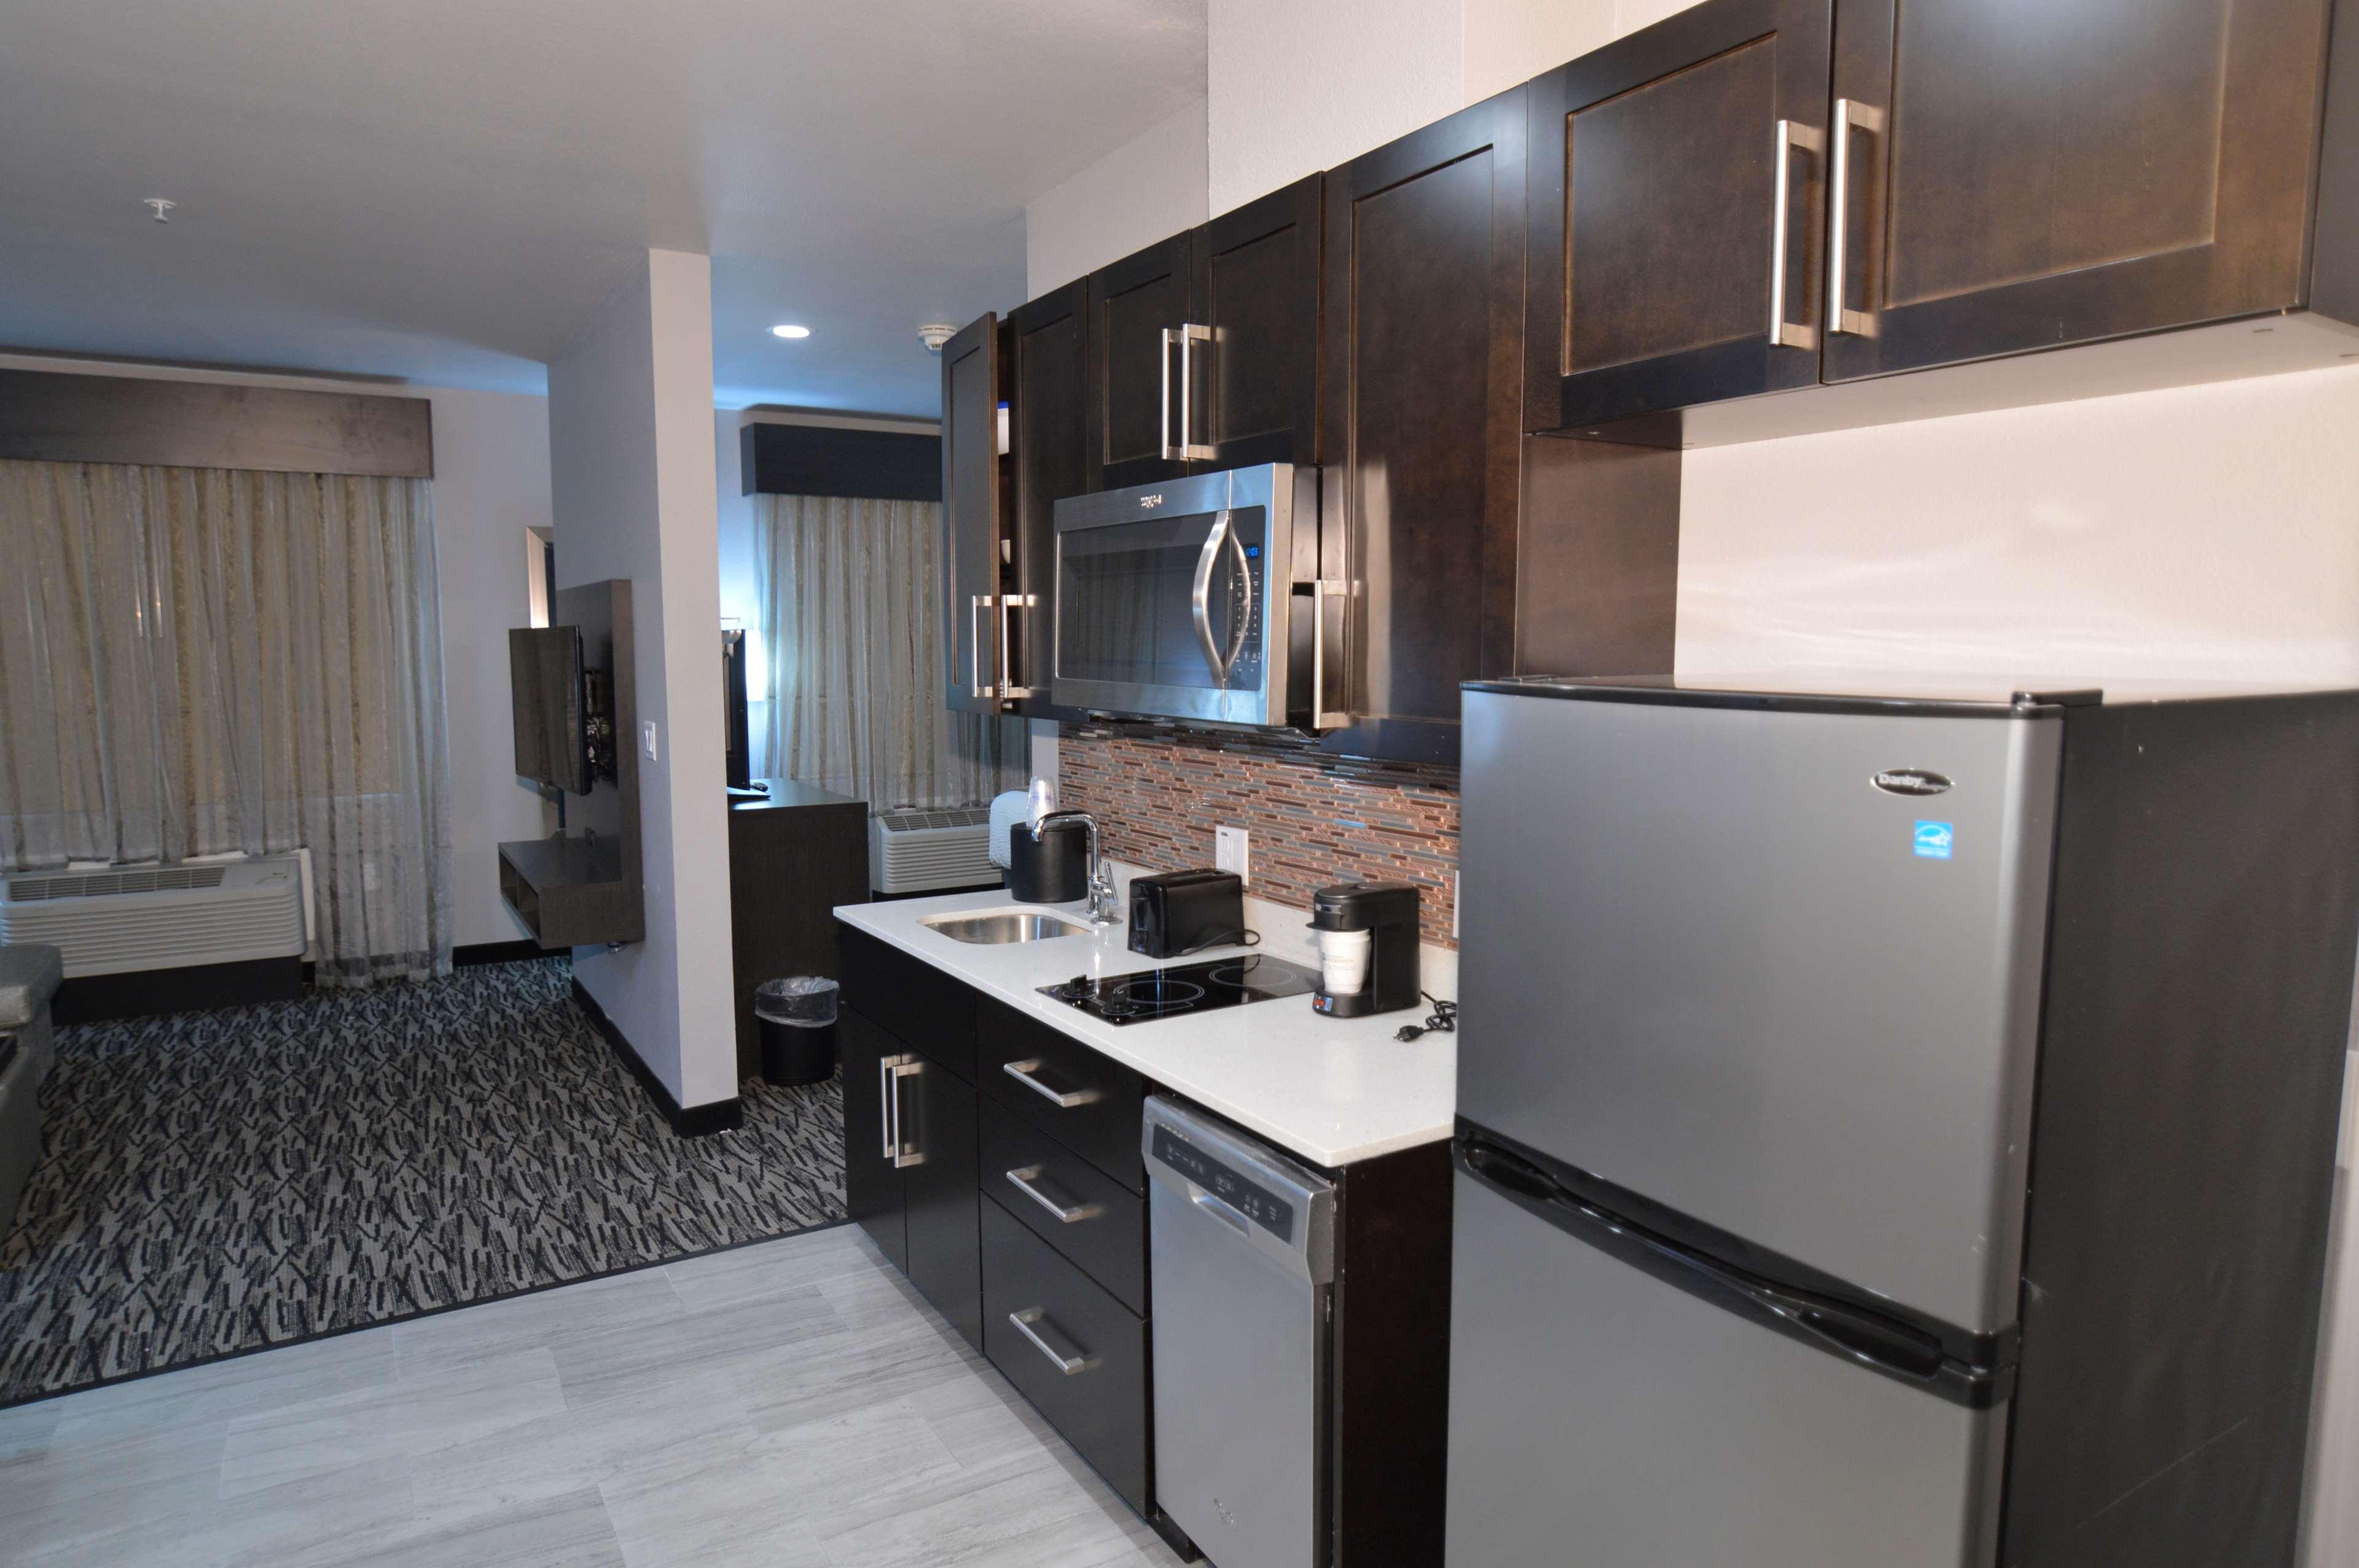 Best Western Plus Executive Residency Baytown image 24